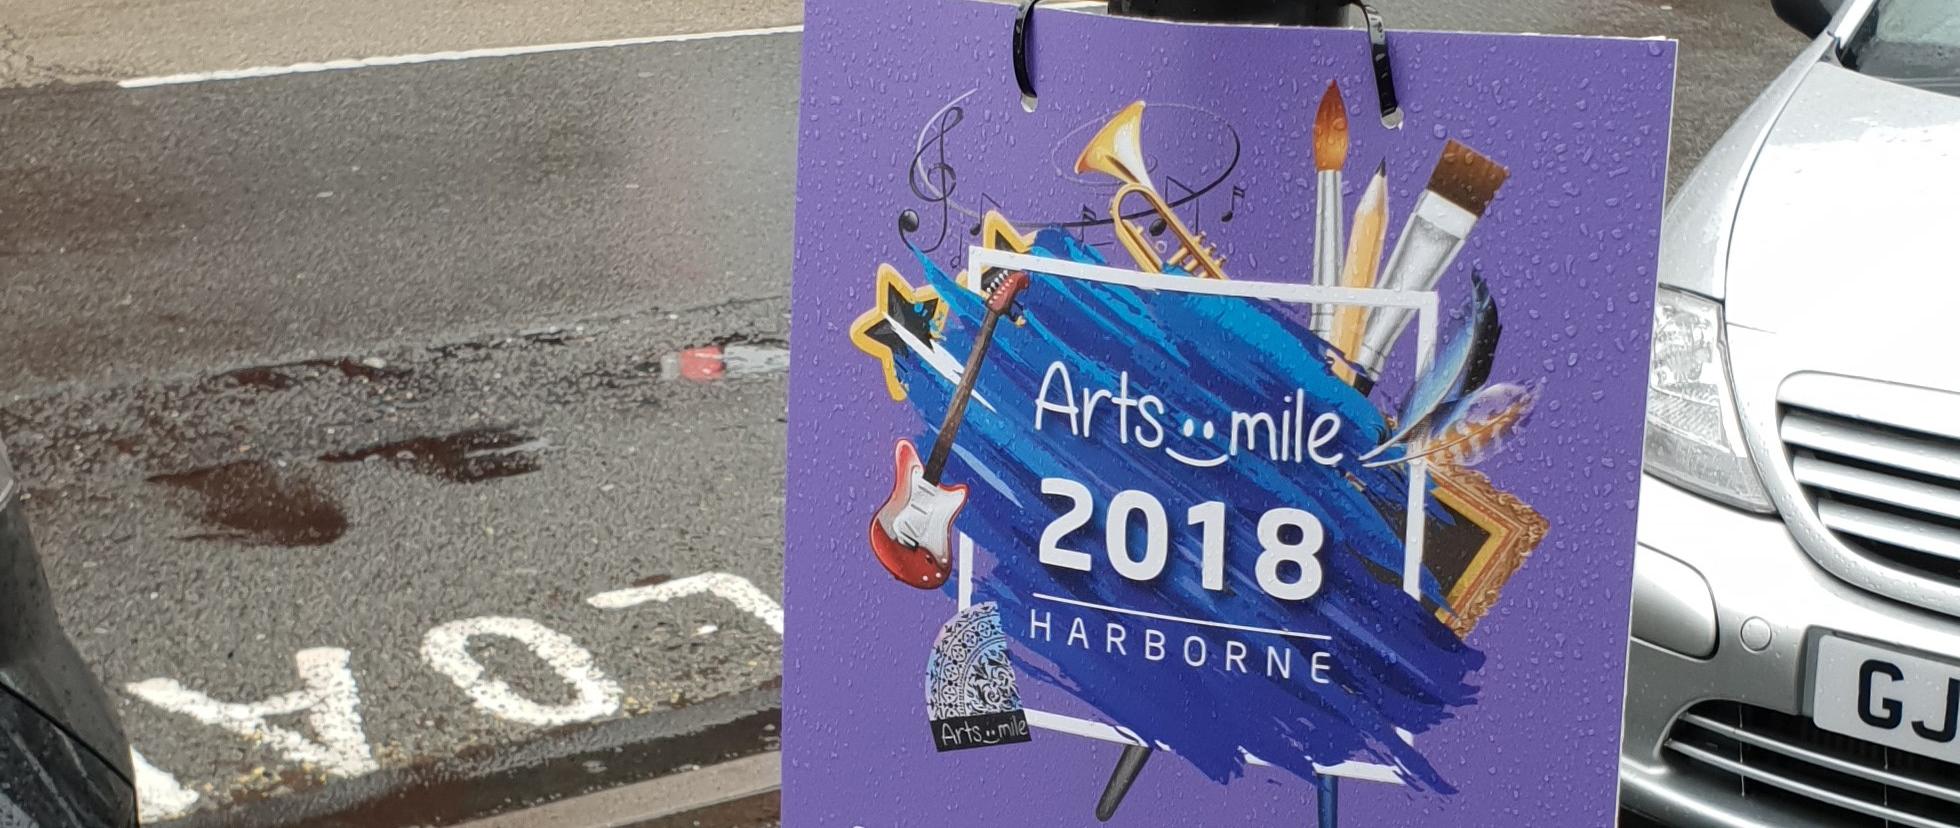 Artsmile 2018